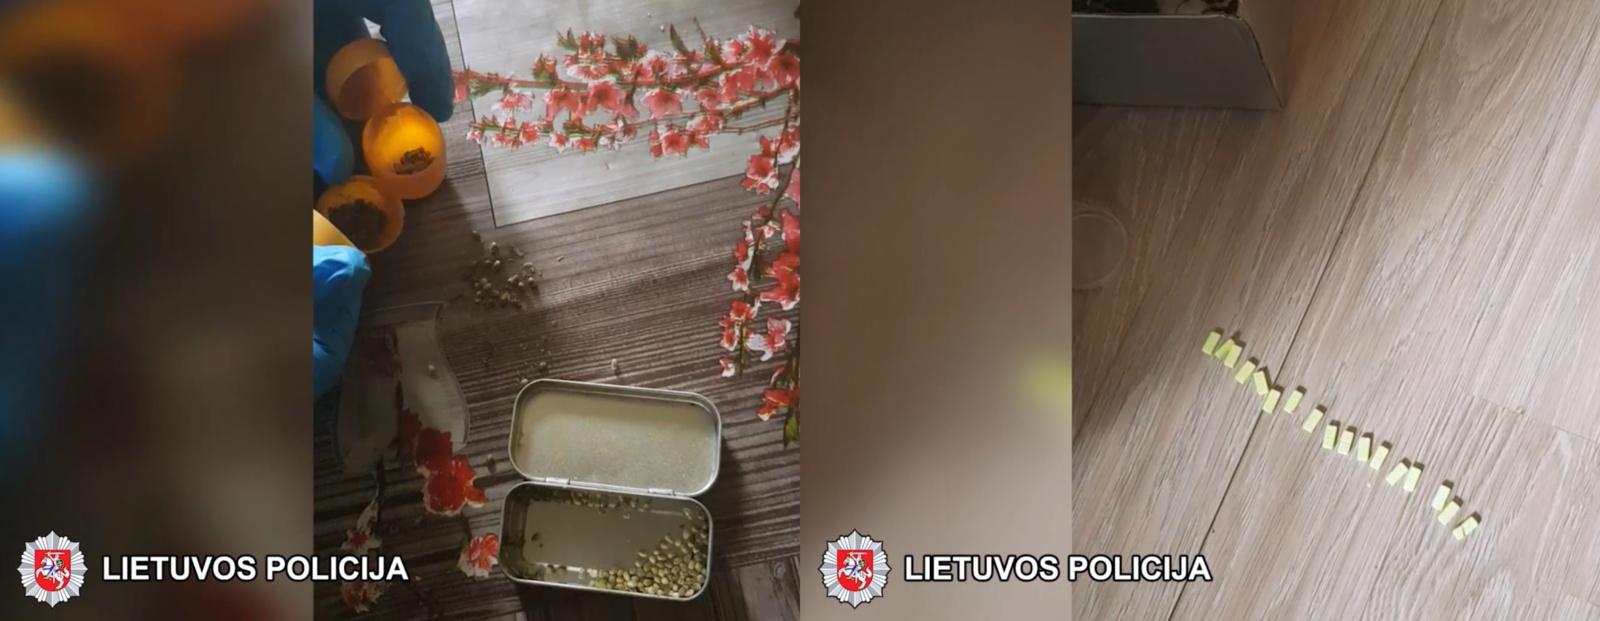 Šalčininkų policija sulaikė du narkotinių medžiagų platintojus, vienas jų – ugniagesys gelbėtojas (vaizdo įrašas)